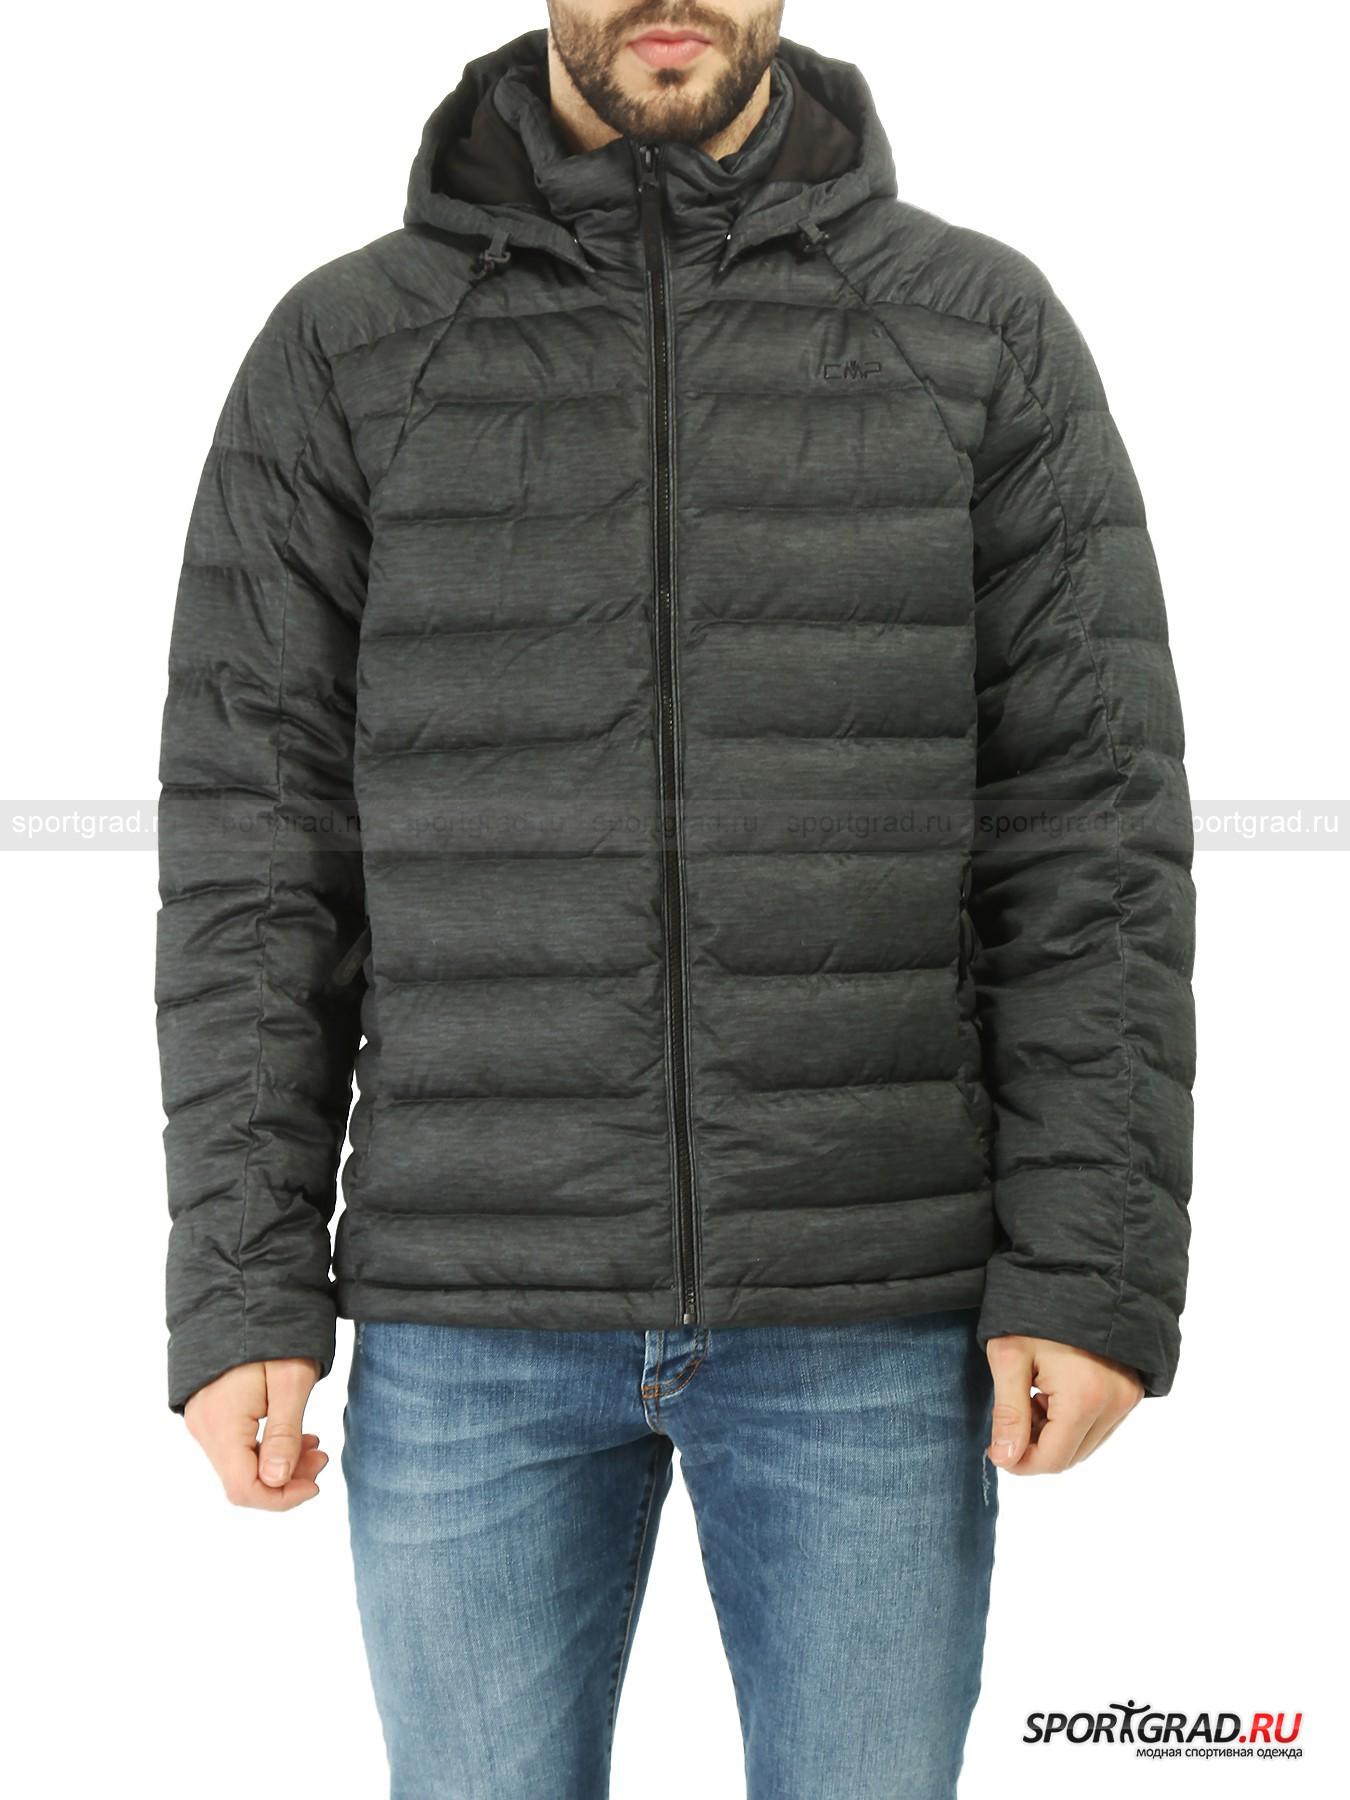 ������ ������� Man Jacket CAMPAGNOLO